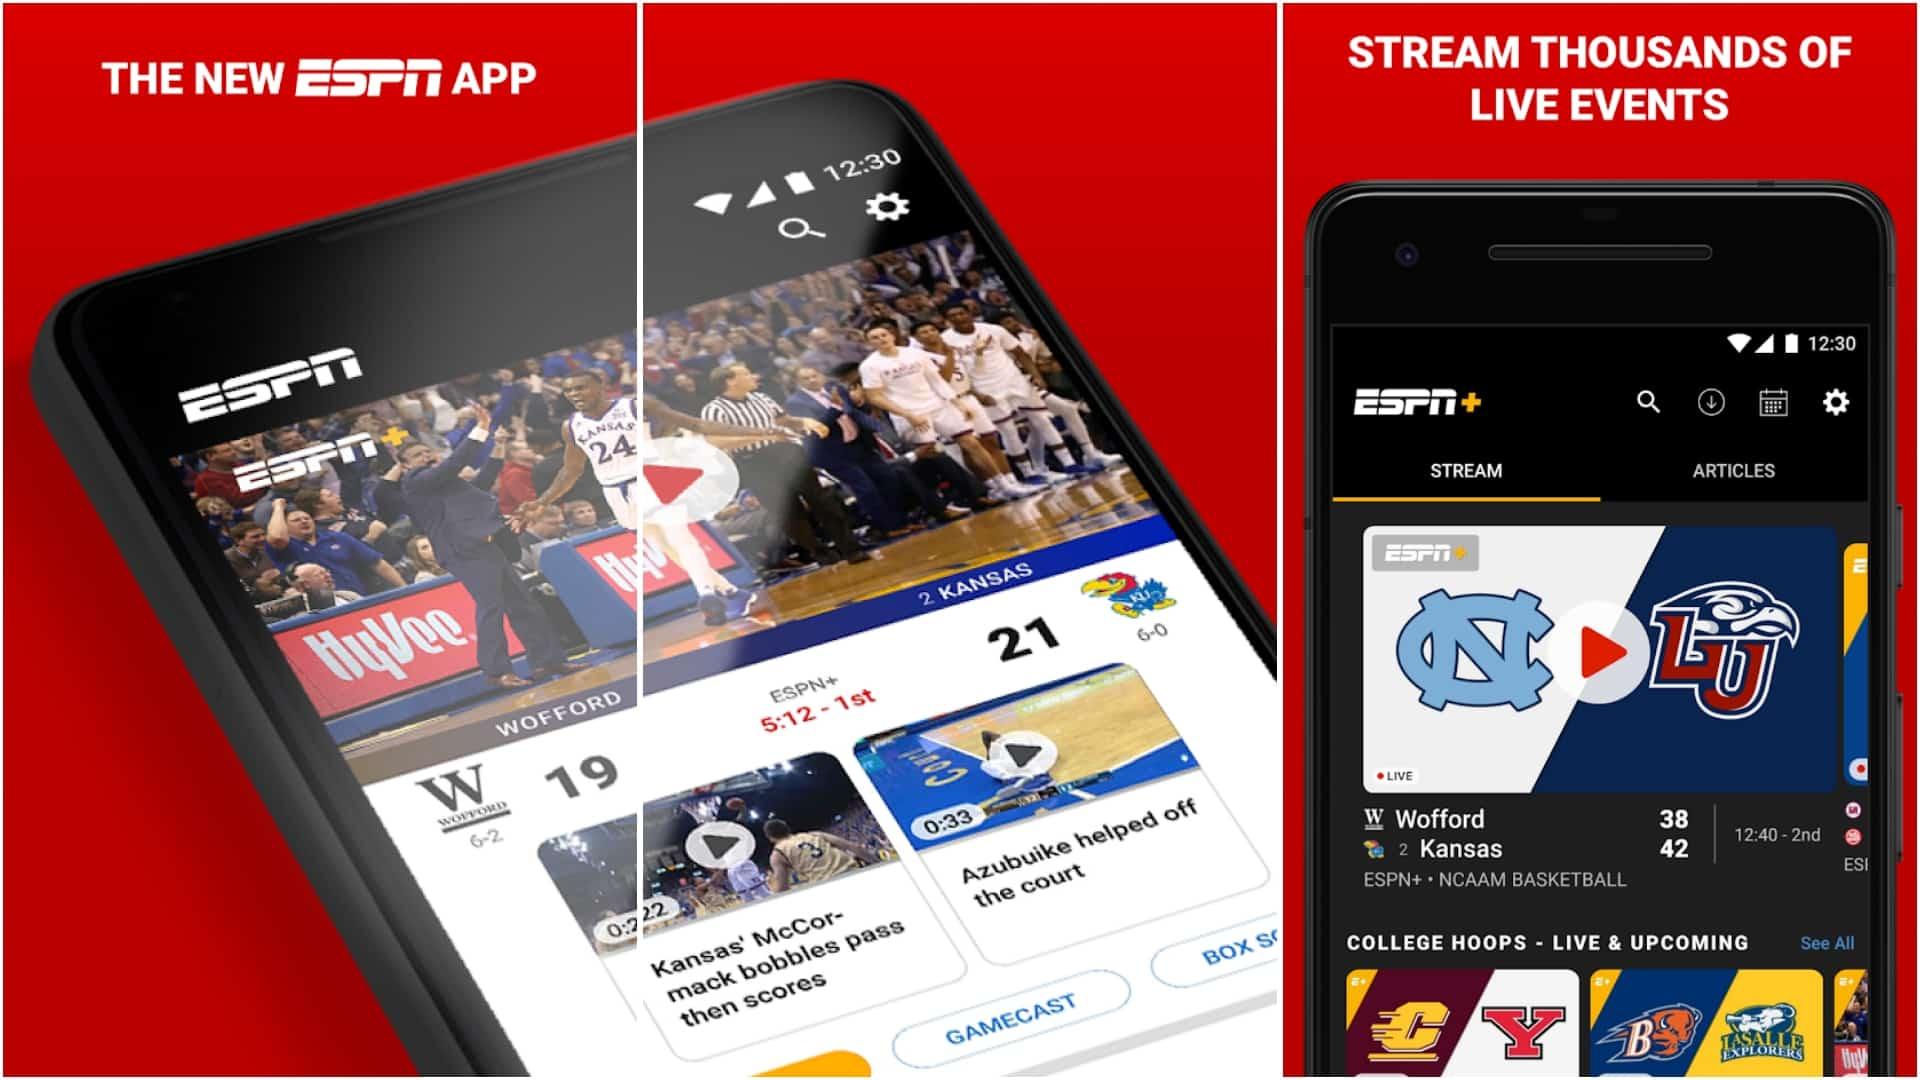 ESPN app image March 2020